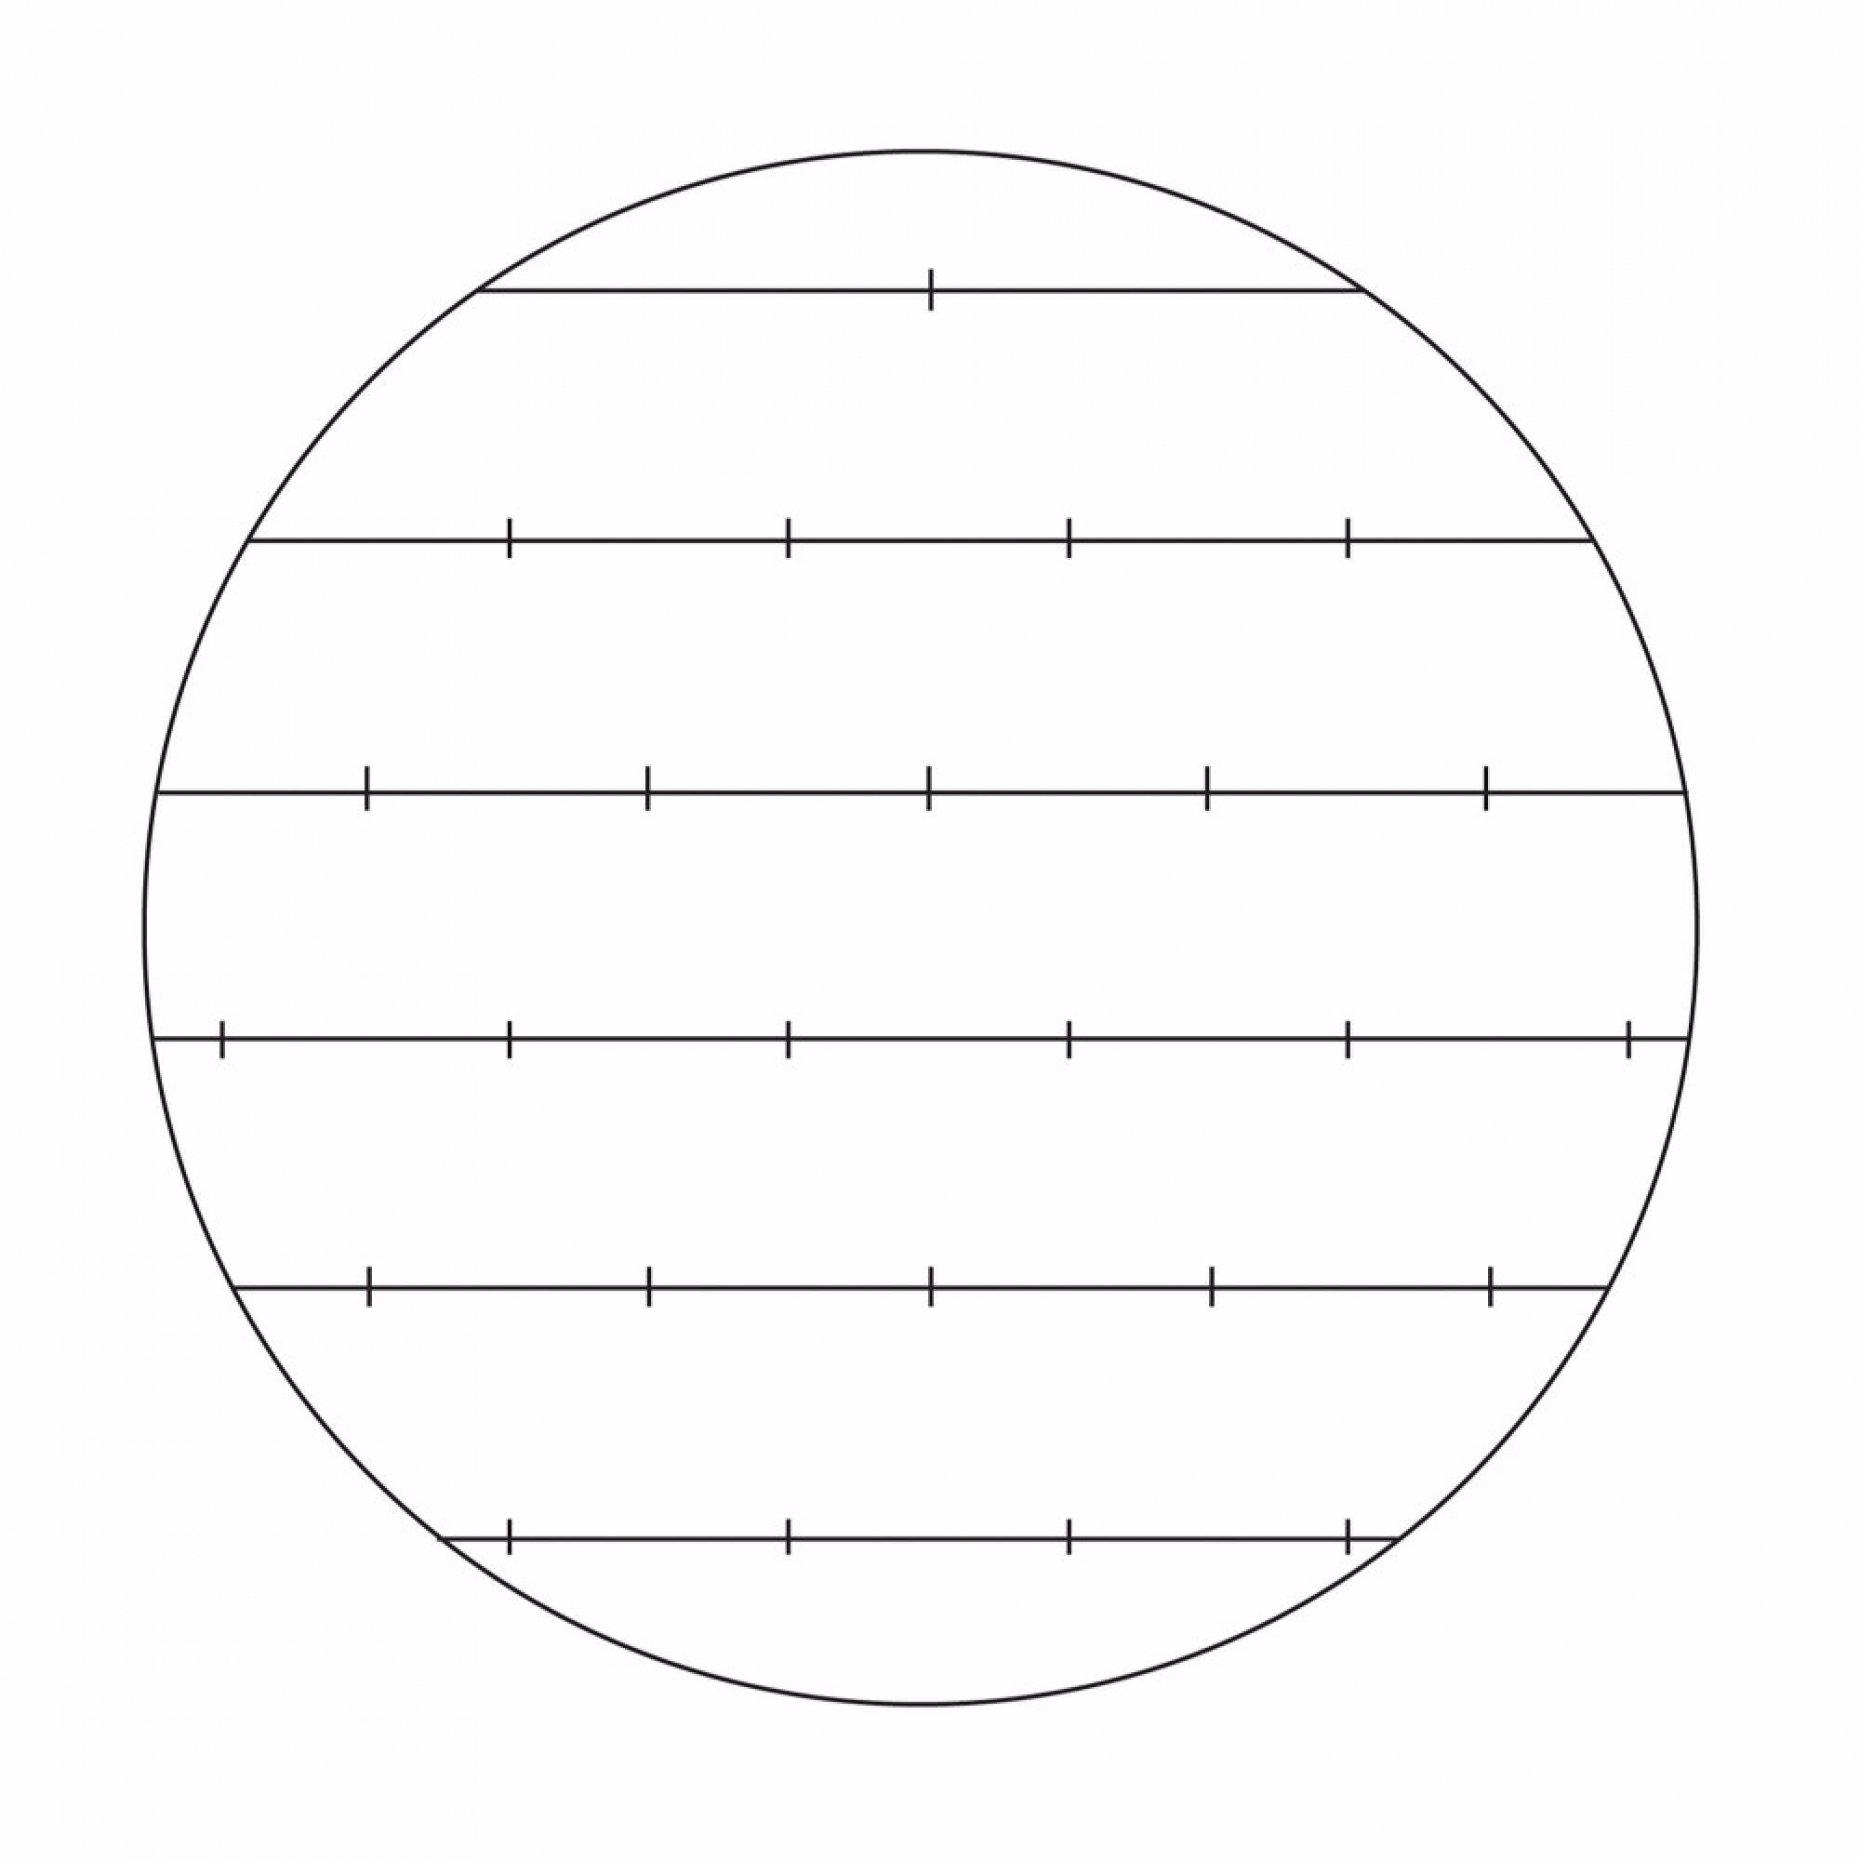 G49 Henning Reseau Pattern - Zeiss Integrating Disc 1 Pattern